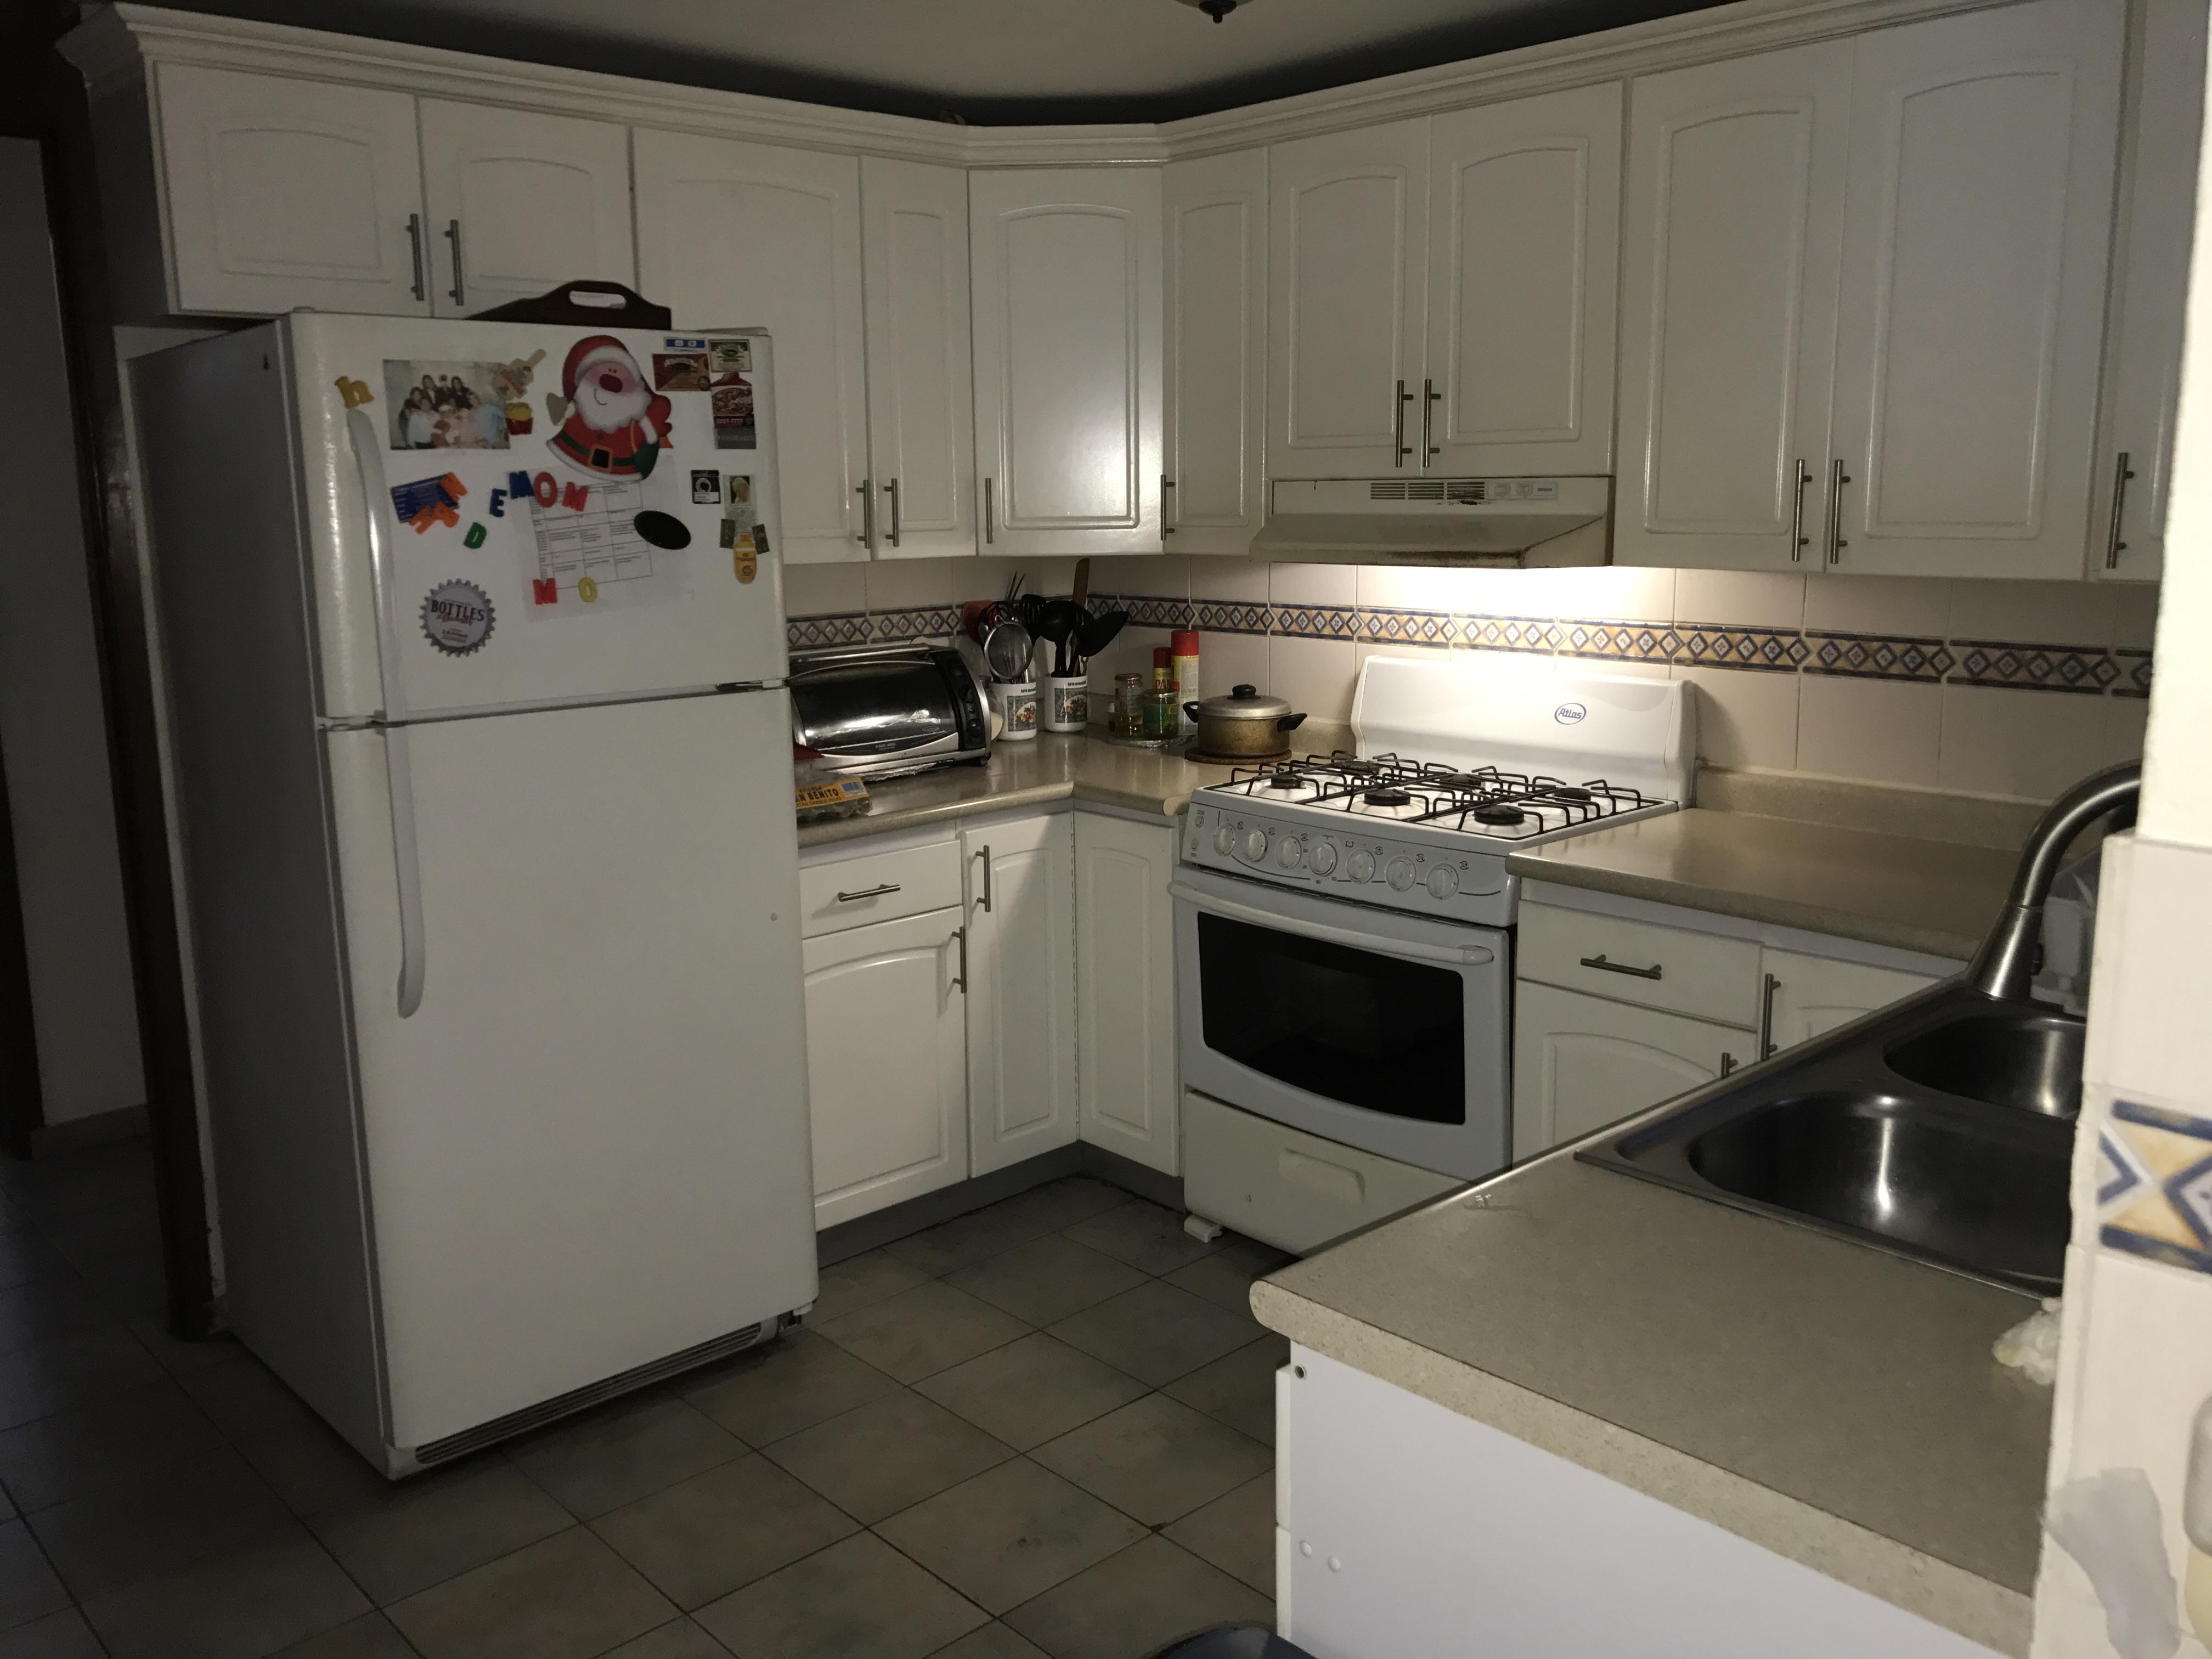 Casa de Venta parte media escalon cocina 1